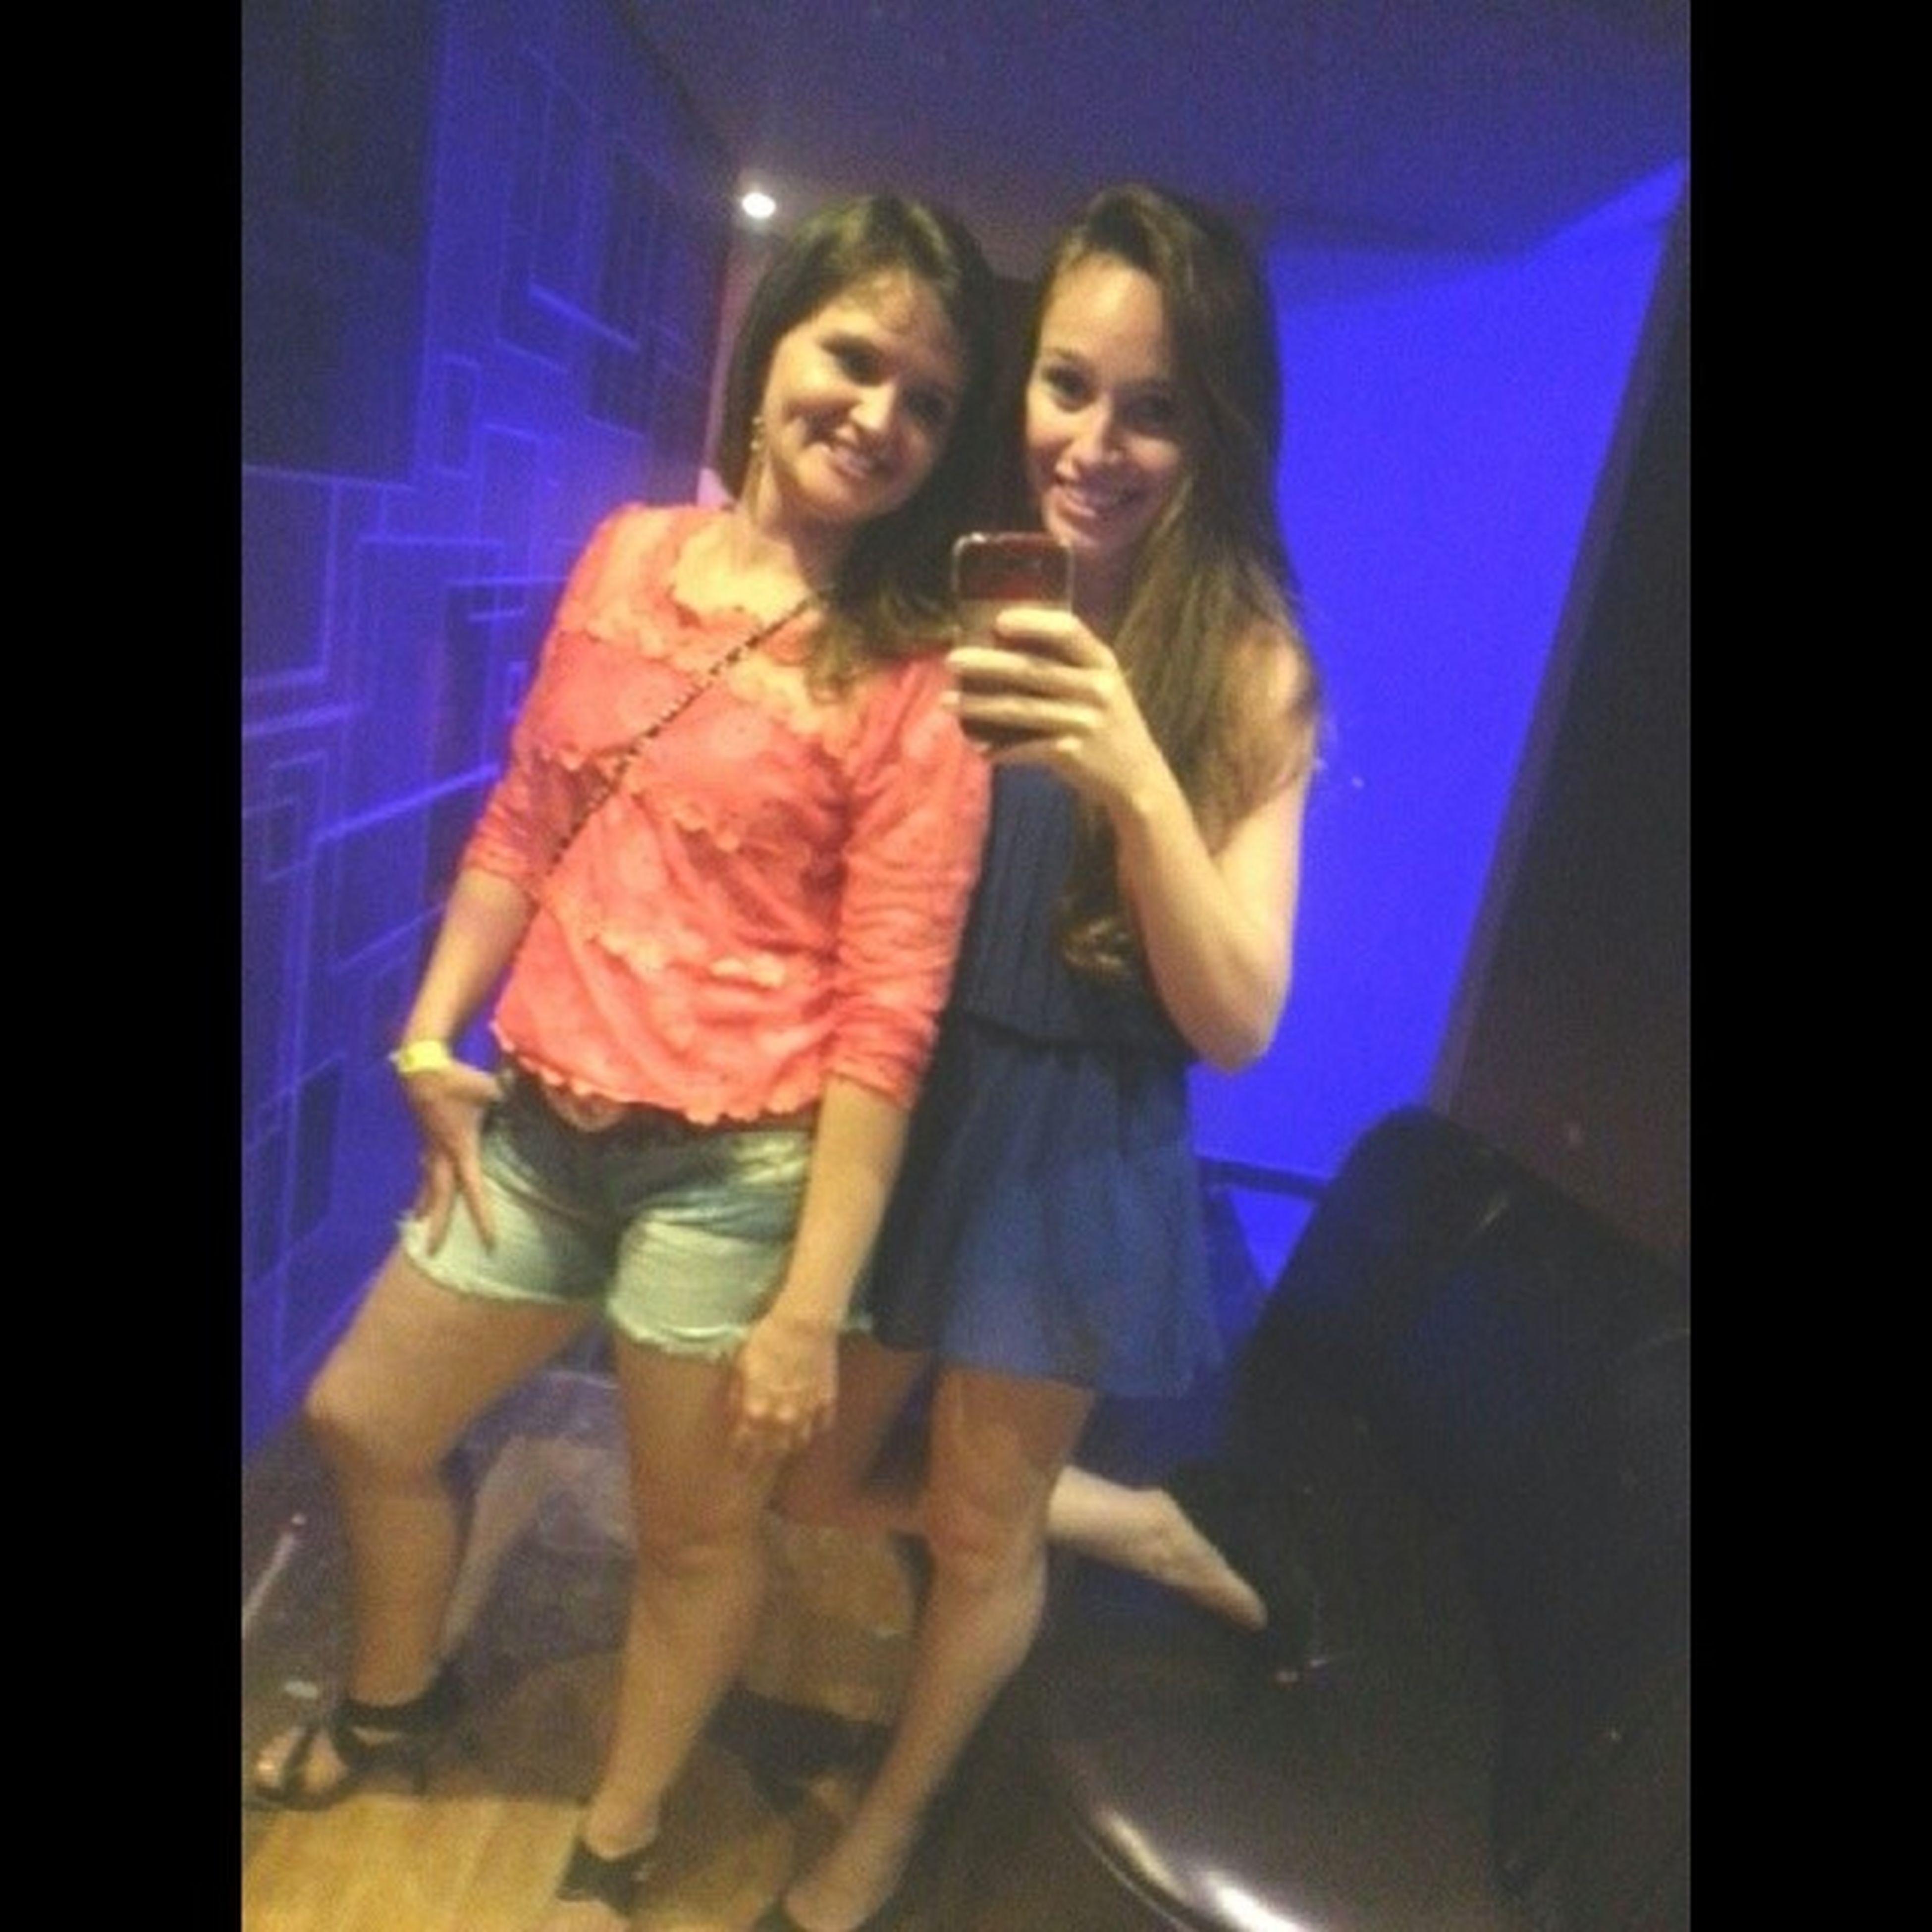 Mortas feat. Enterradas .. Porque você é igual Rexona, não me abandona nunca ! KKKK Te amo ♥ Sister Girls Babadoconfusaoegritaria